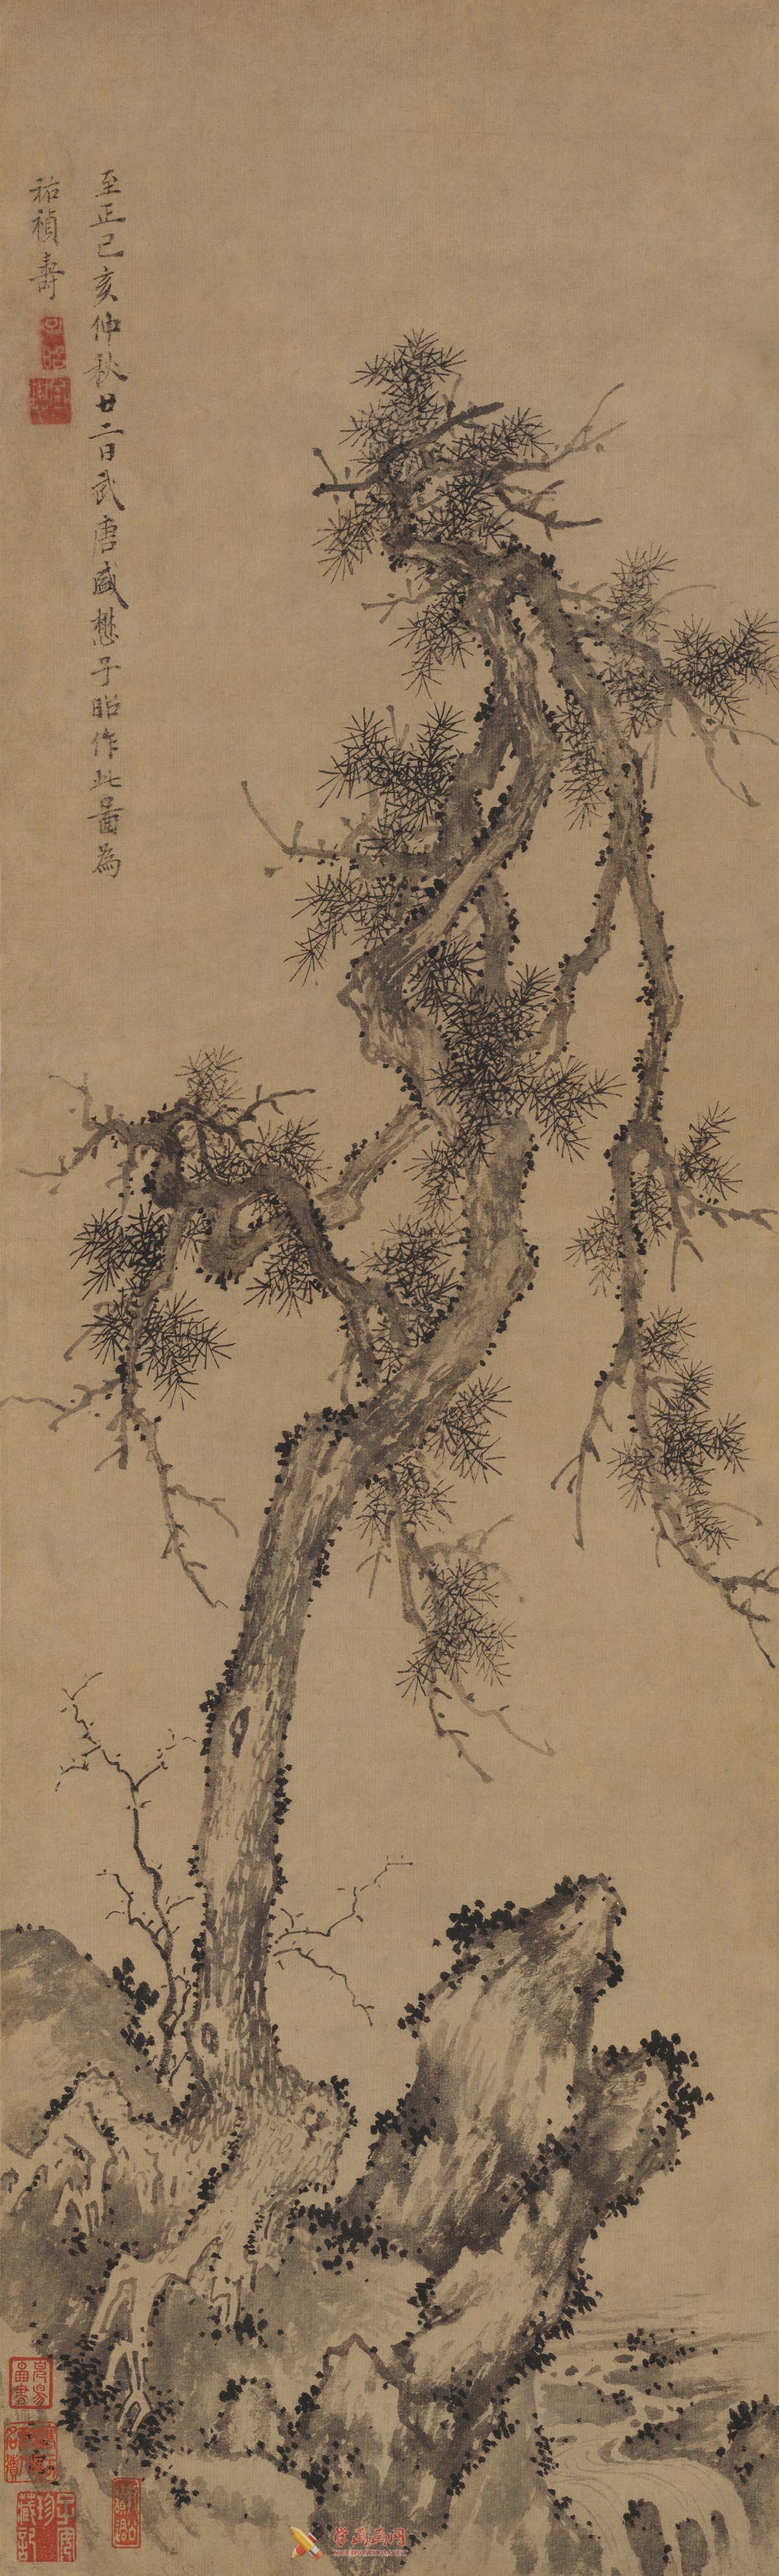 盛懋国画作品《松石图》赏析(1)